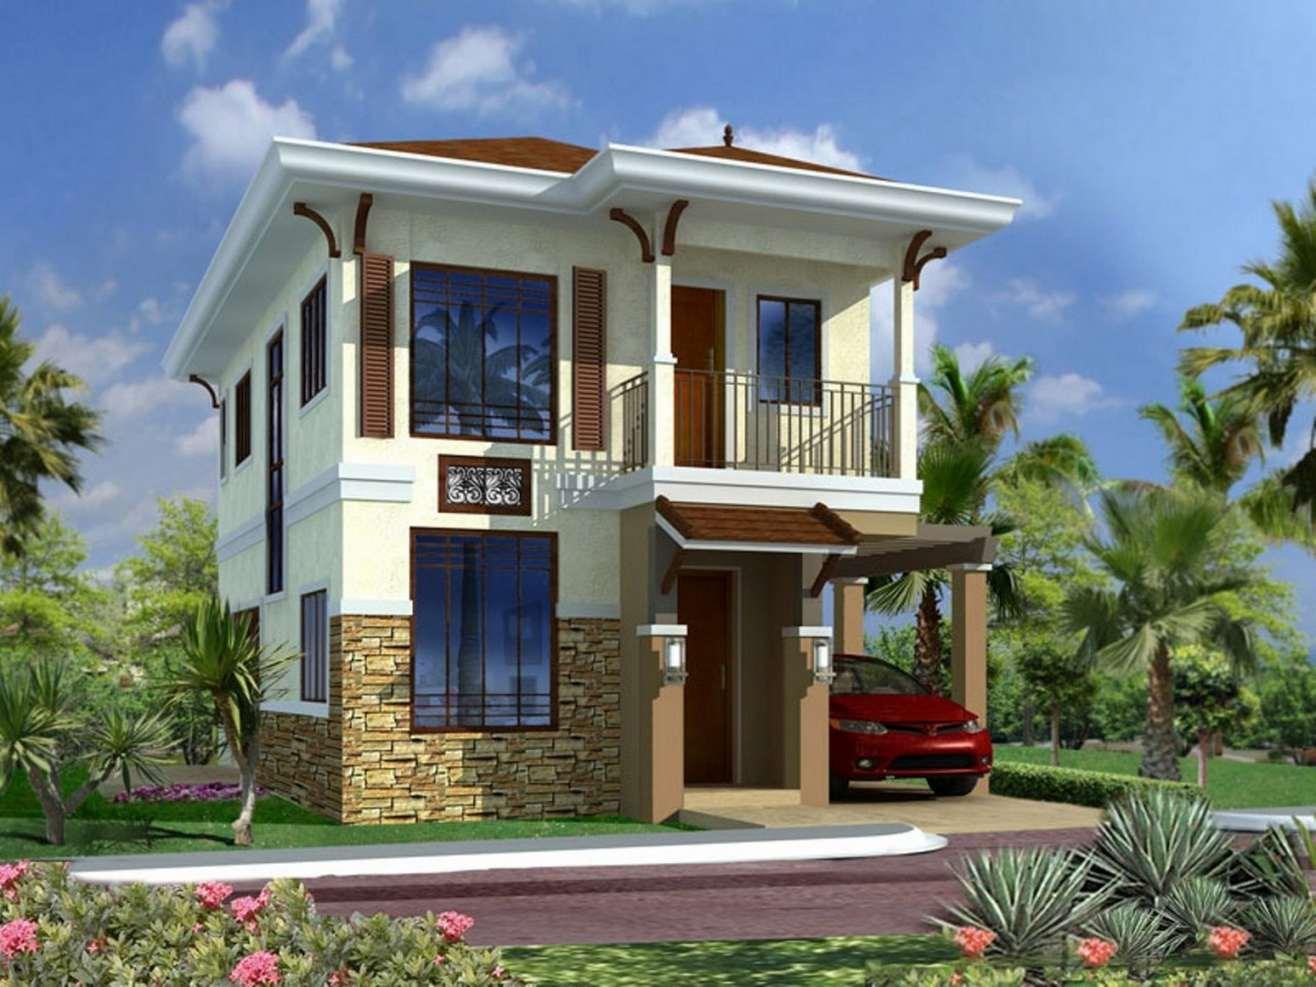 Fachadas de casas modernas de dos pisos planos y fachadas for Fachadas de casas de dos pisos sencillas